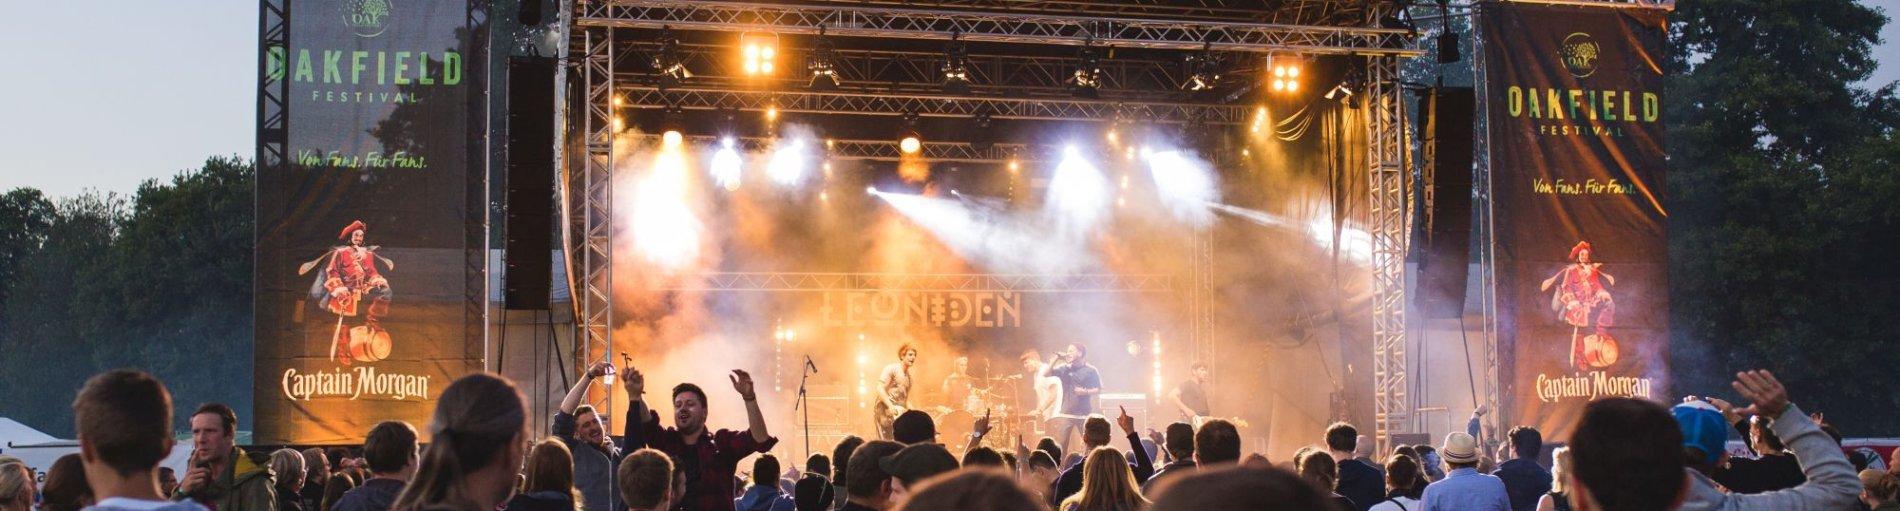 Musiker spielen auf einer Bühne, im Vordergrund Publikum